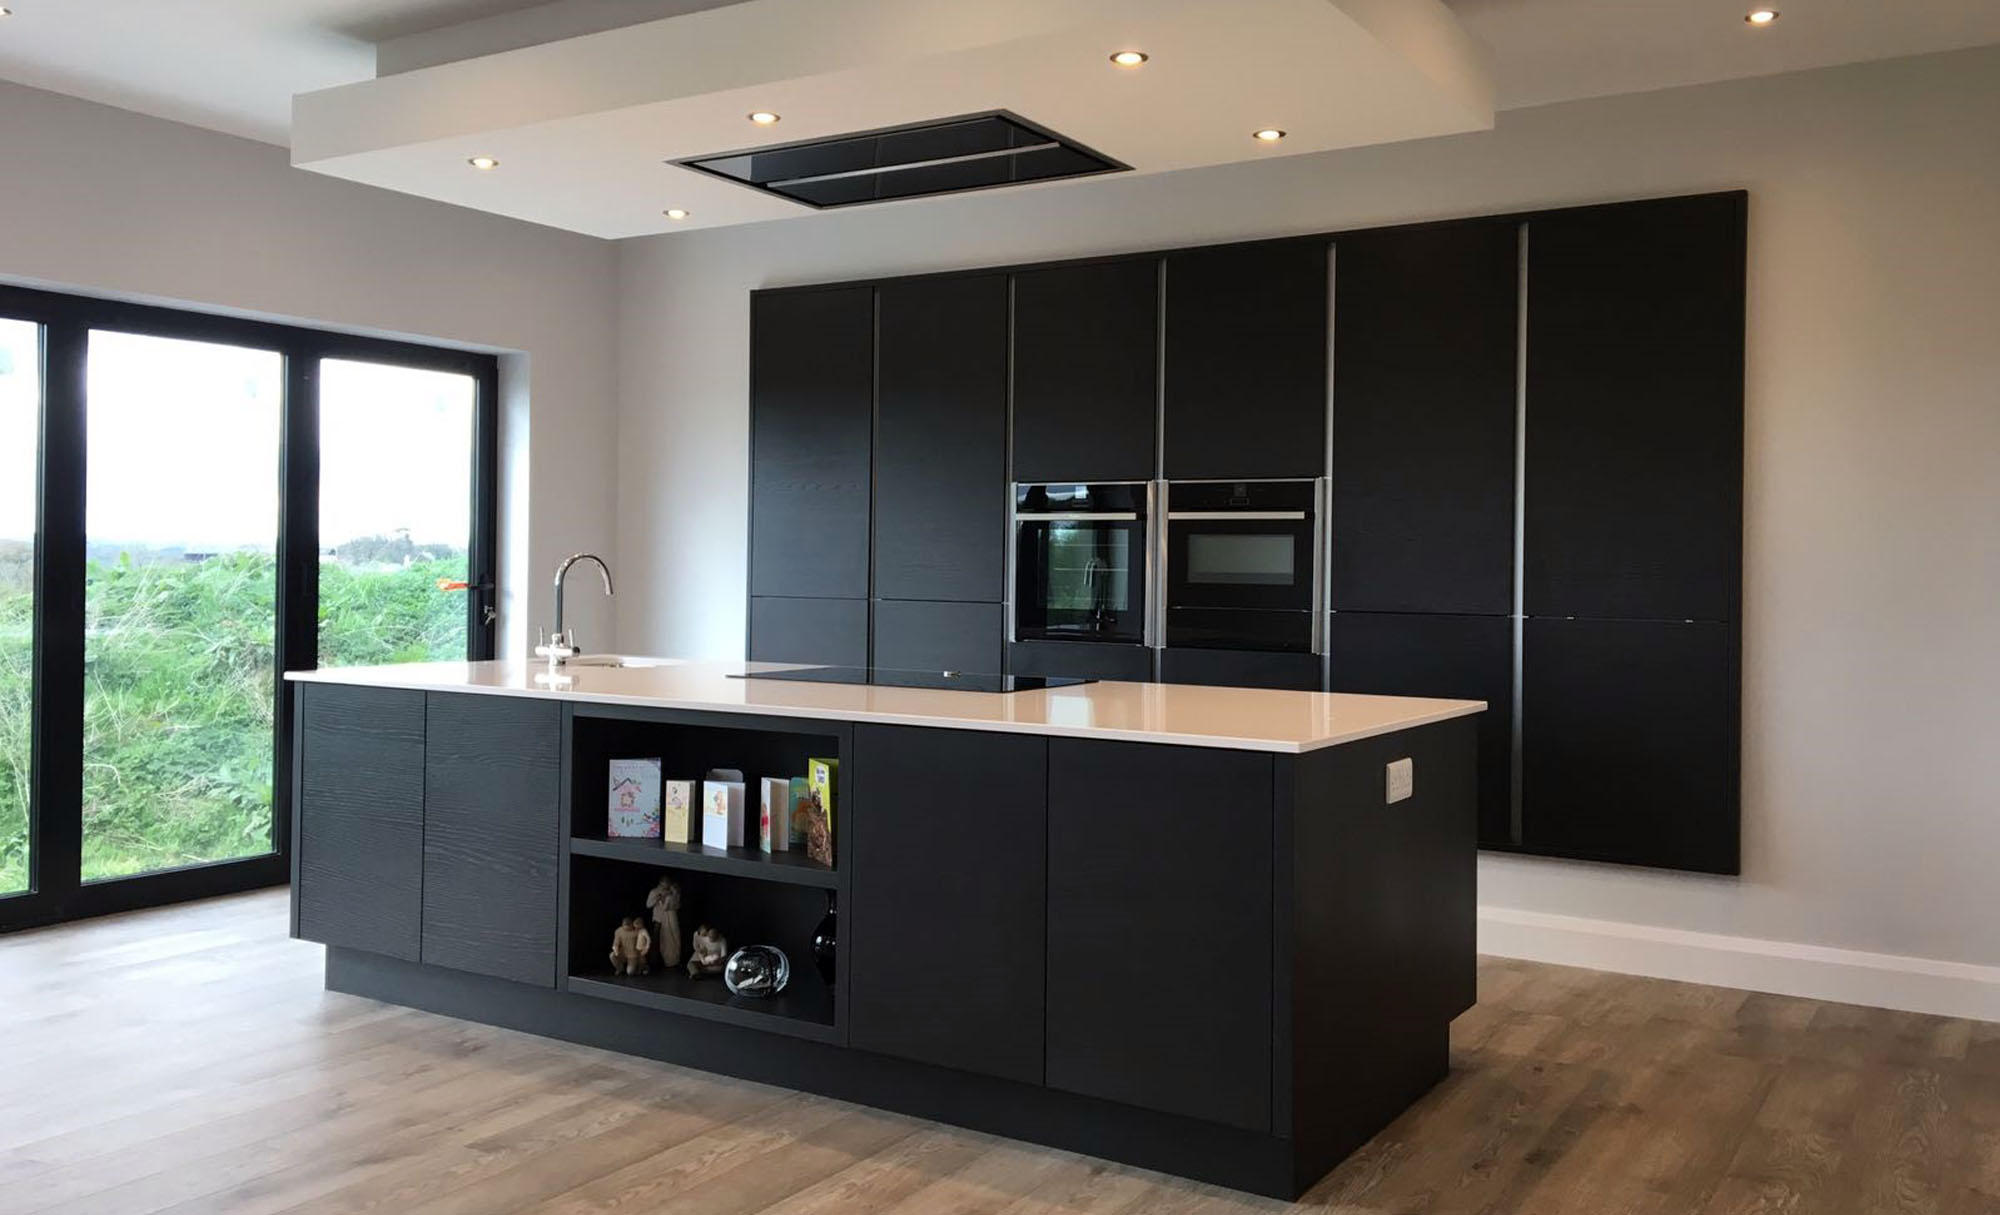 kitchen-stori-tavola-hacienda-black-coleraine-contemporary